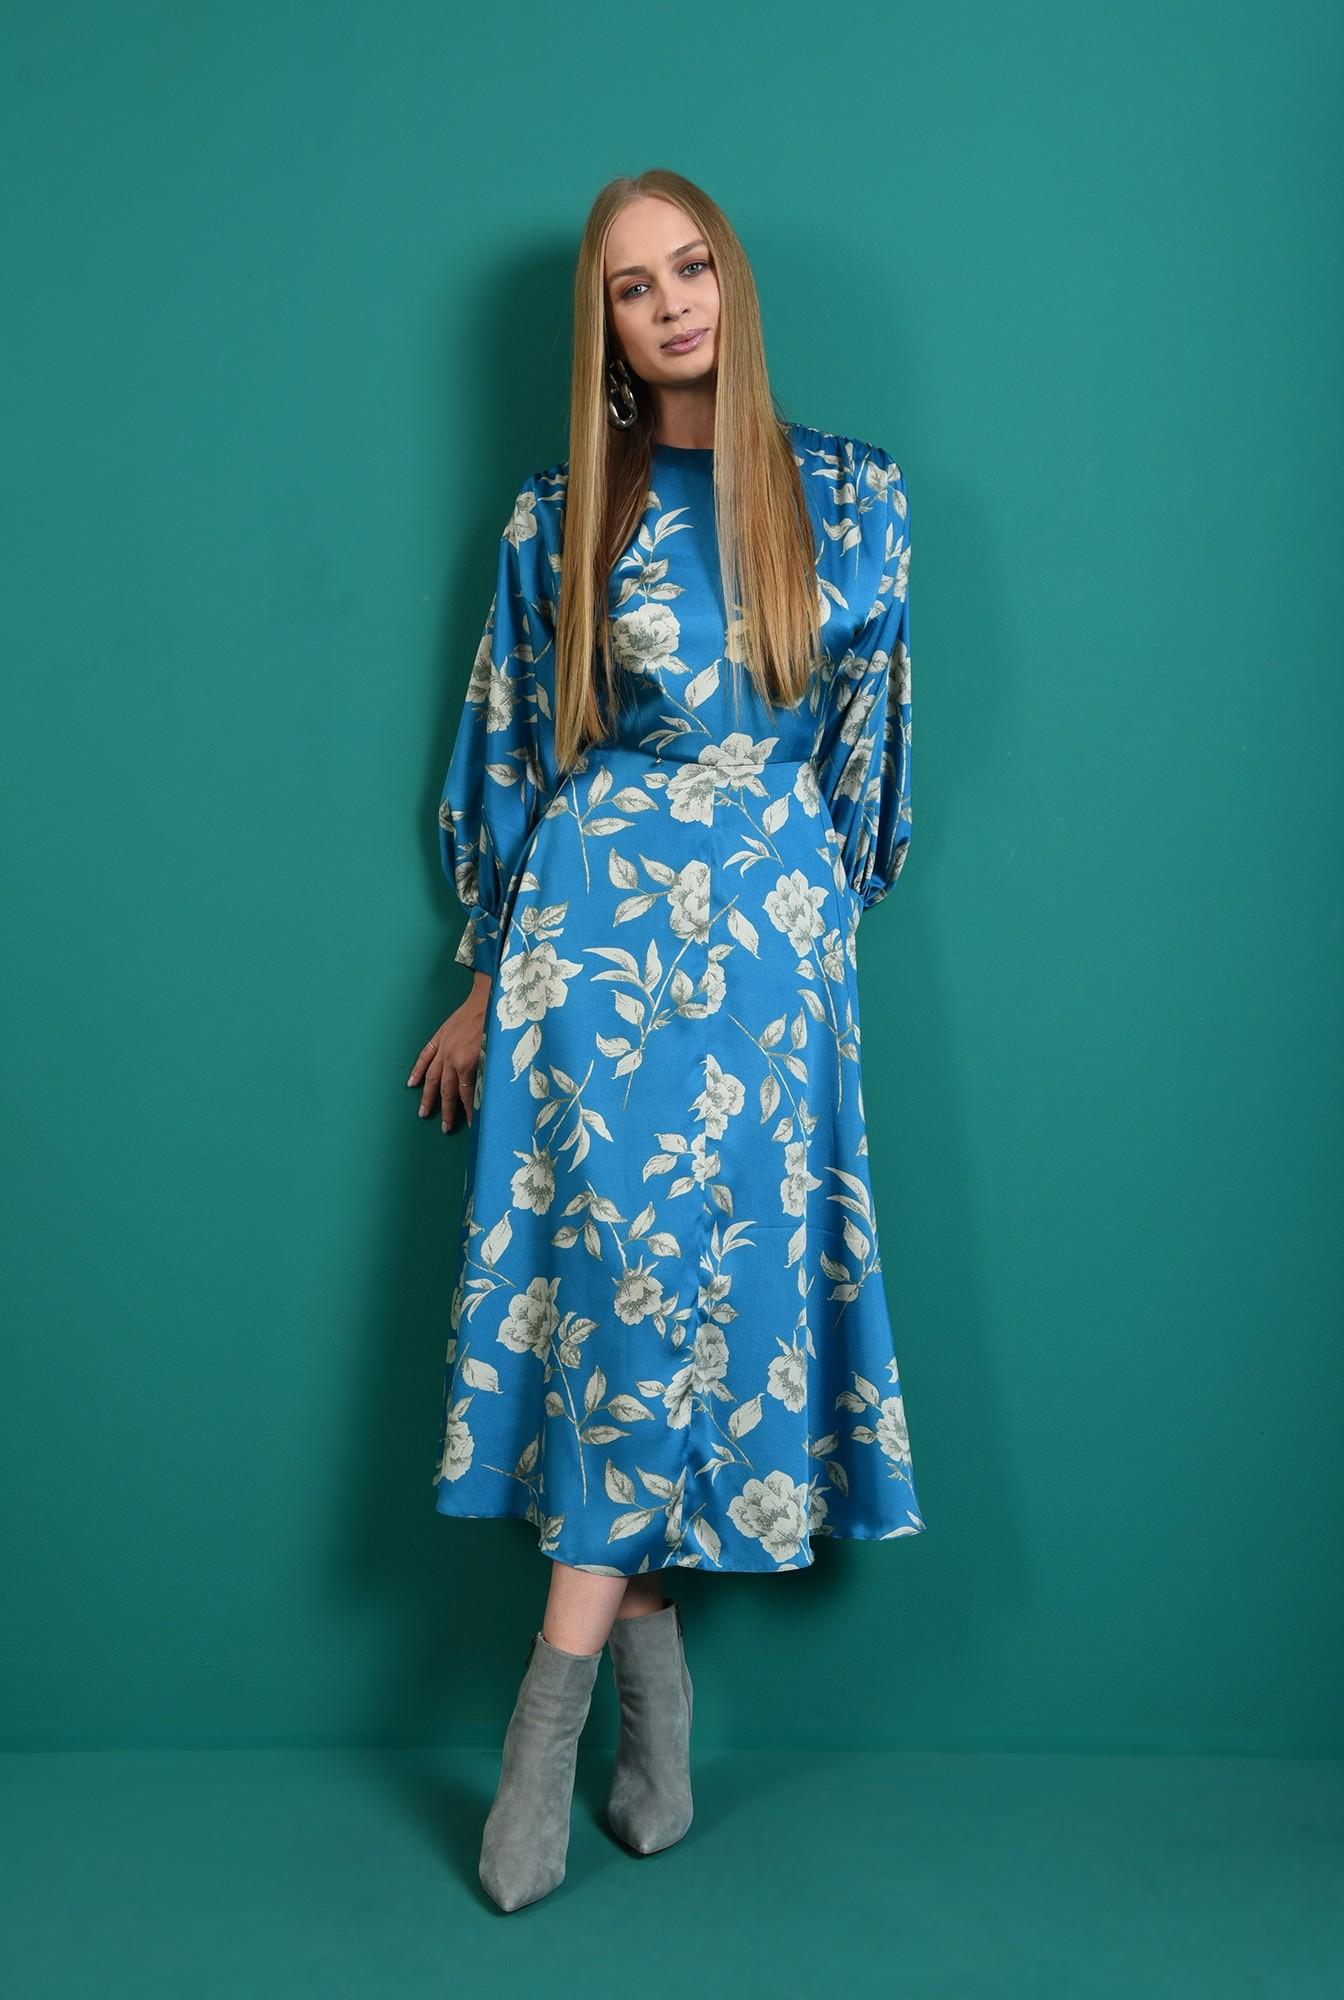 0 - rochie cu imprimeu floral, cu umarii cazuti, cu maneca voluminoasa